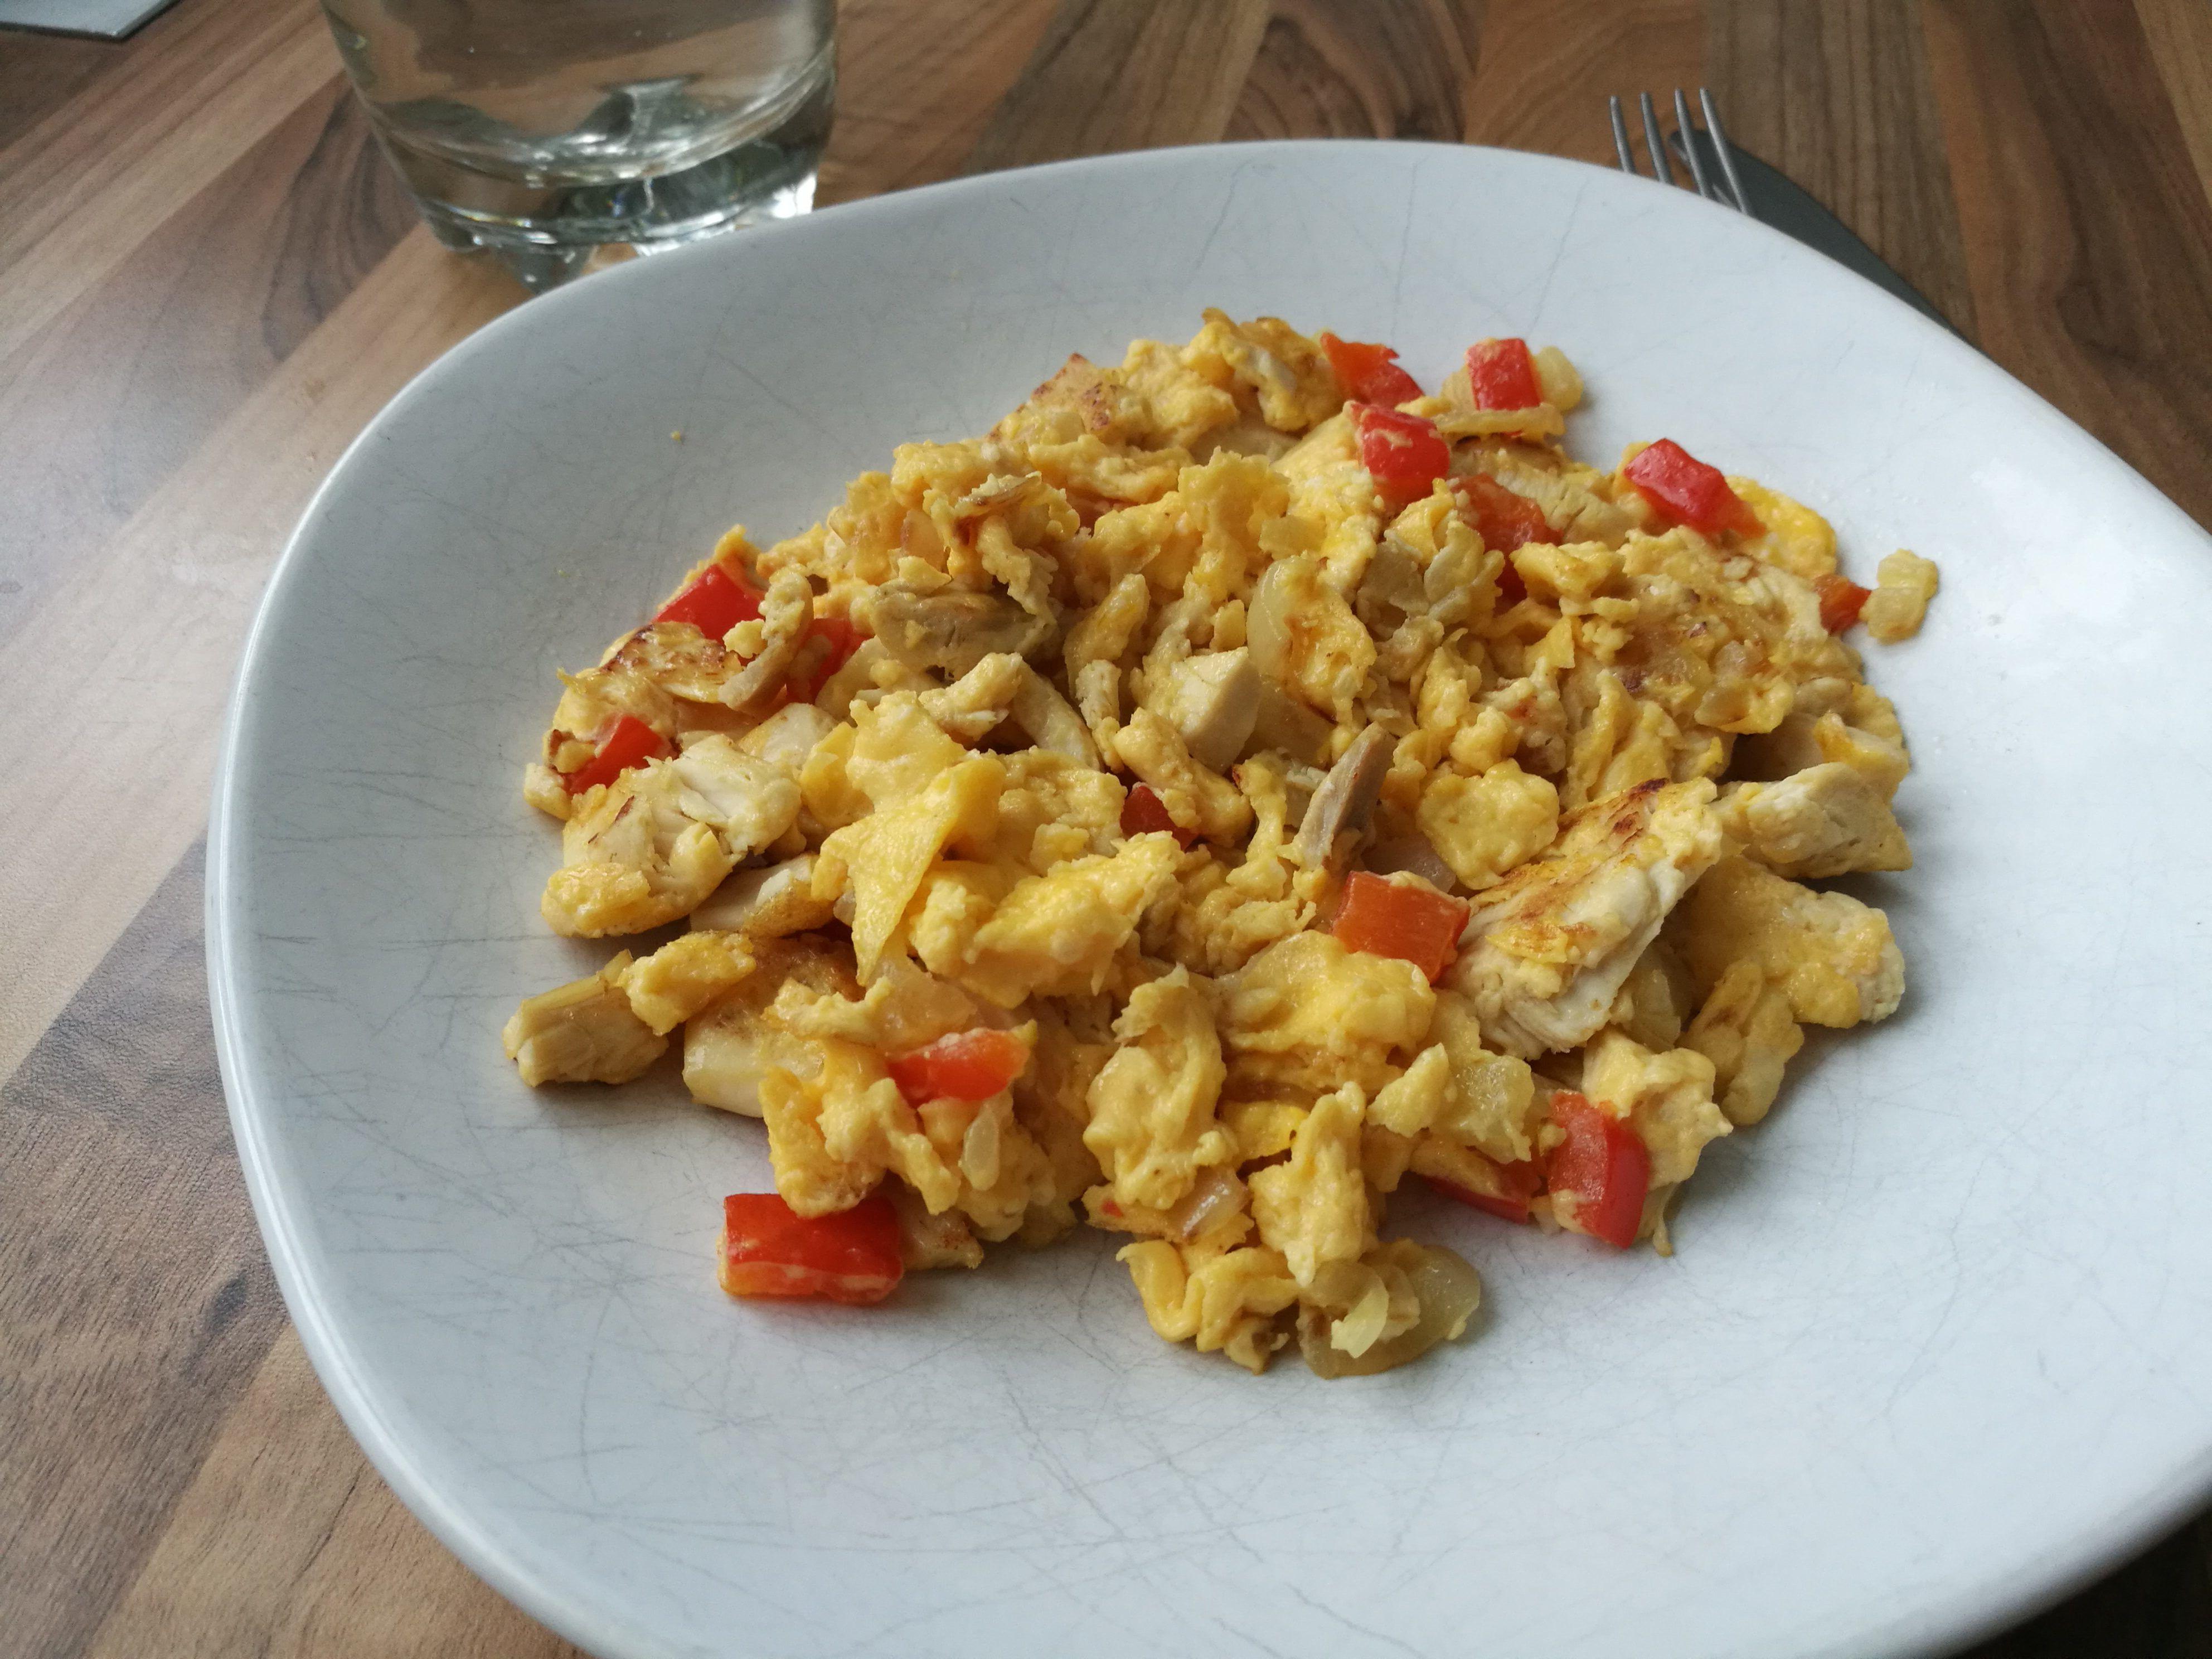 csirke rántotta tojás recept reggeli